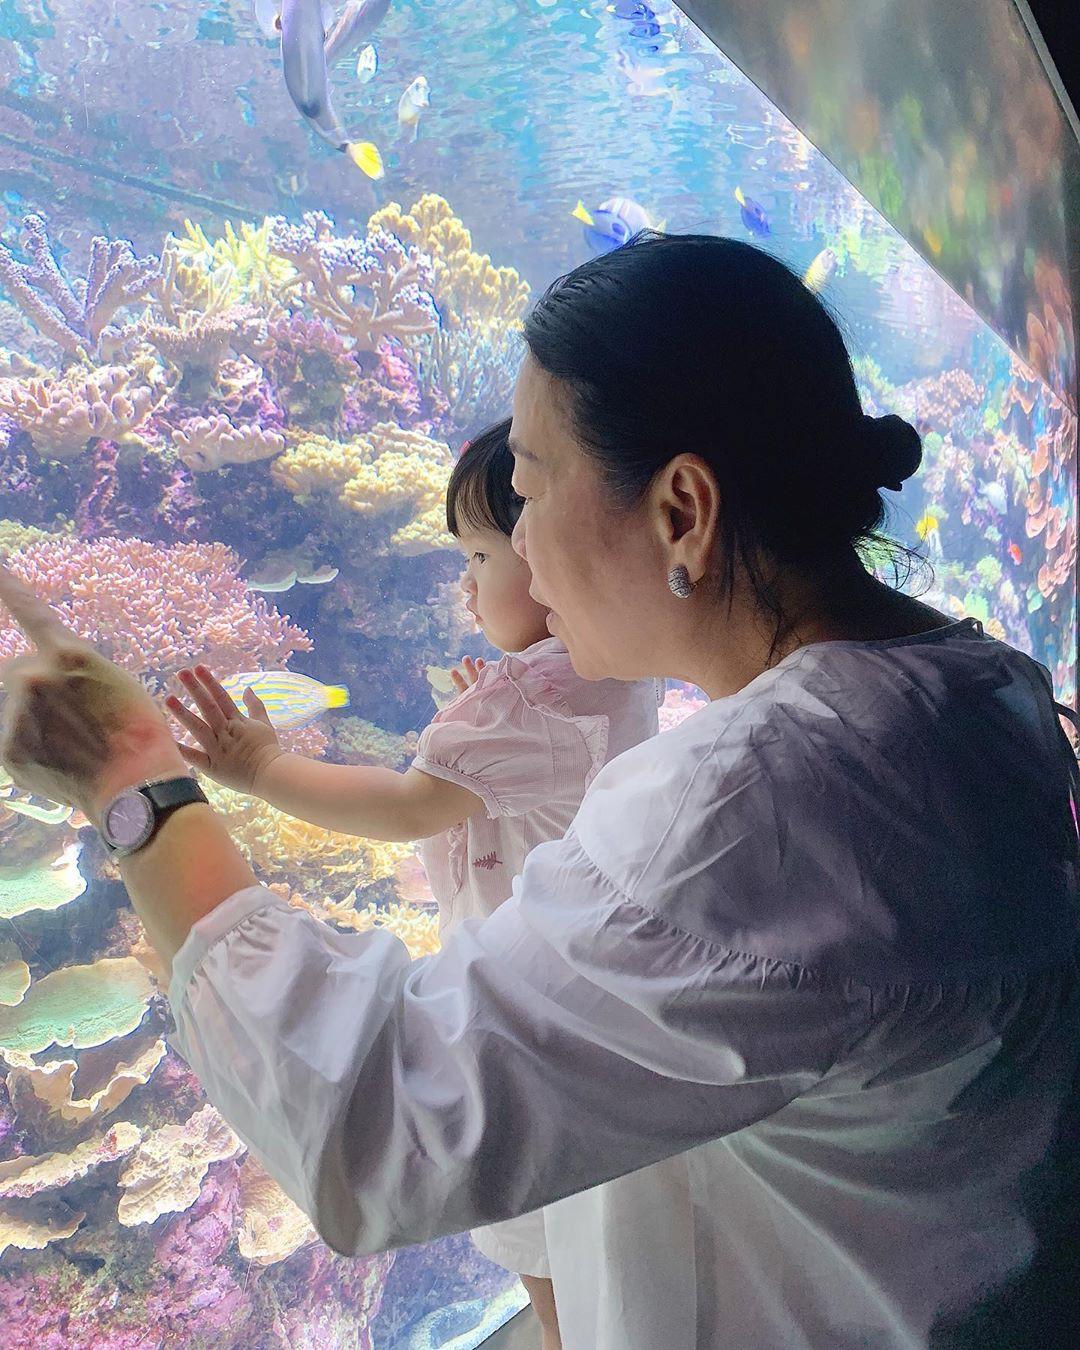 Khoe dạy bơi cho con gái mới hơn 1 tuổi nhưng đặc điểm này trên cơ thể Đặng Thu Thảo lại gây chú ý - Ảnh 2